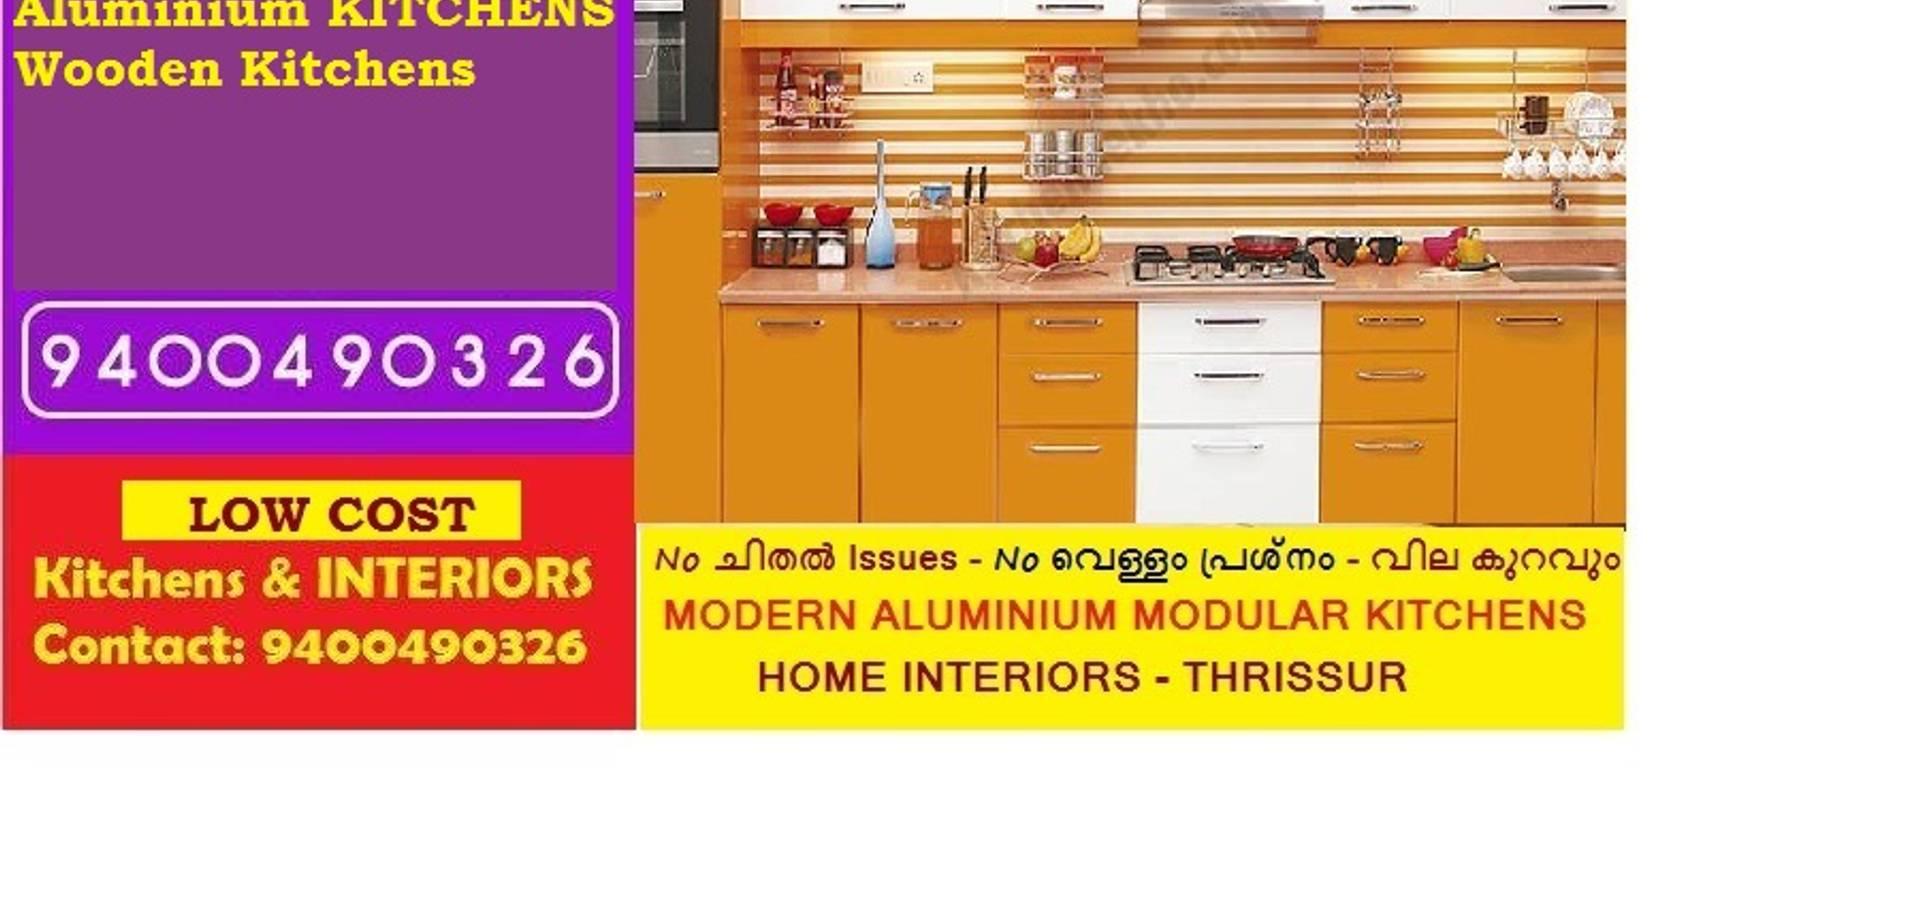 Bangalore ALUMINIUM MODULAR KITCHEN BANGALORE—LOW COST- PH 9400490326